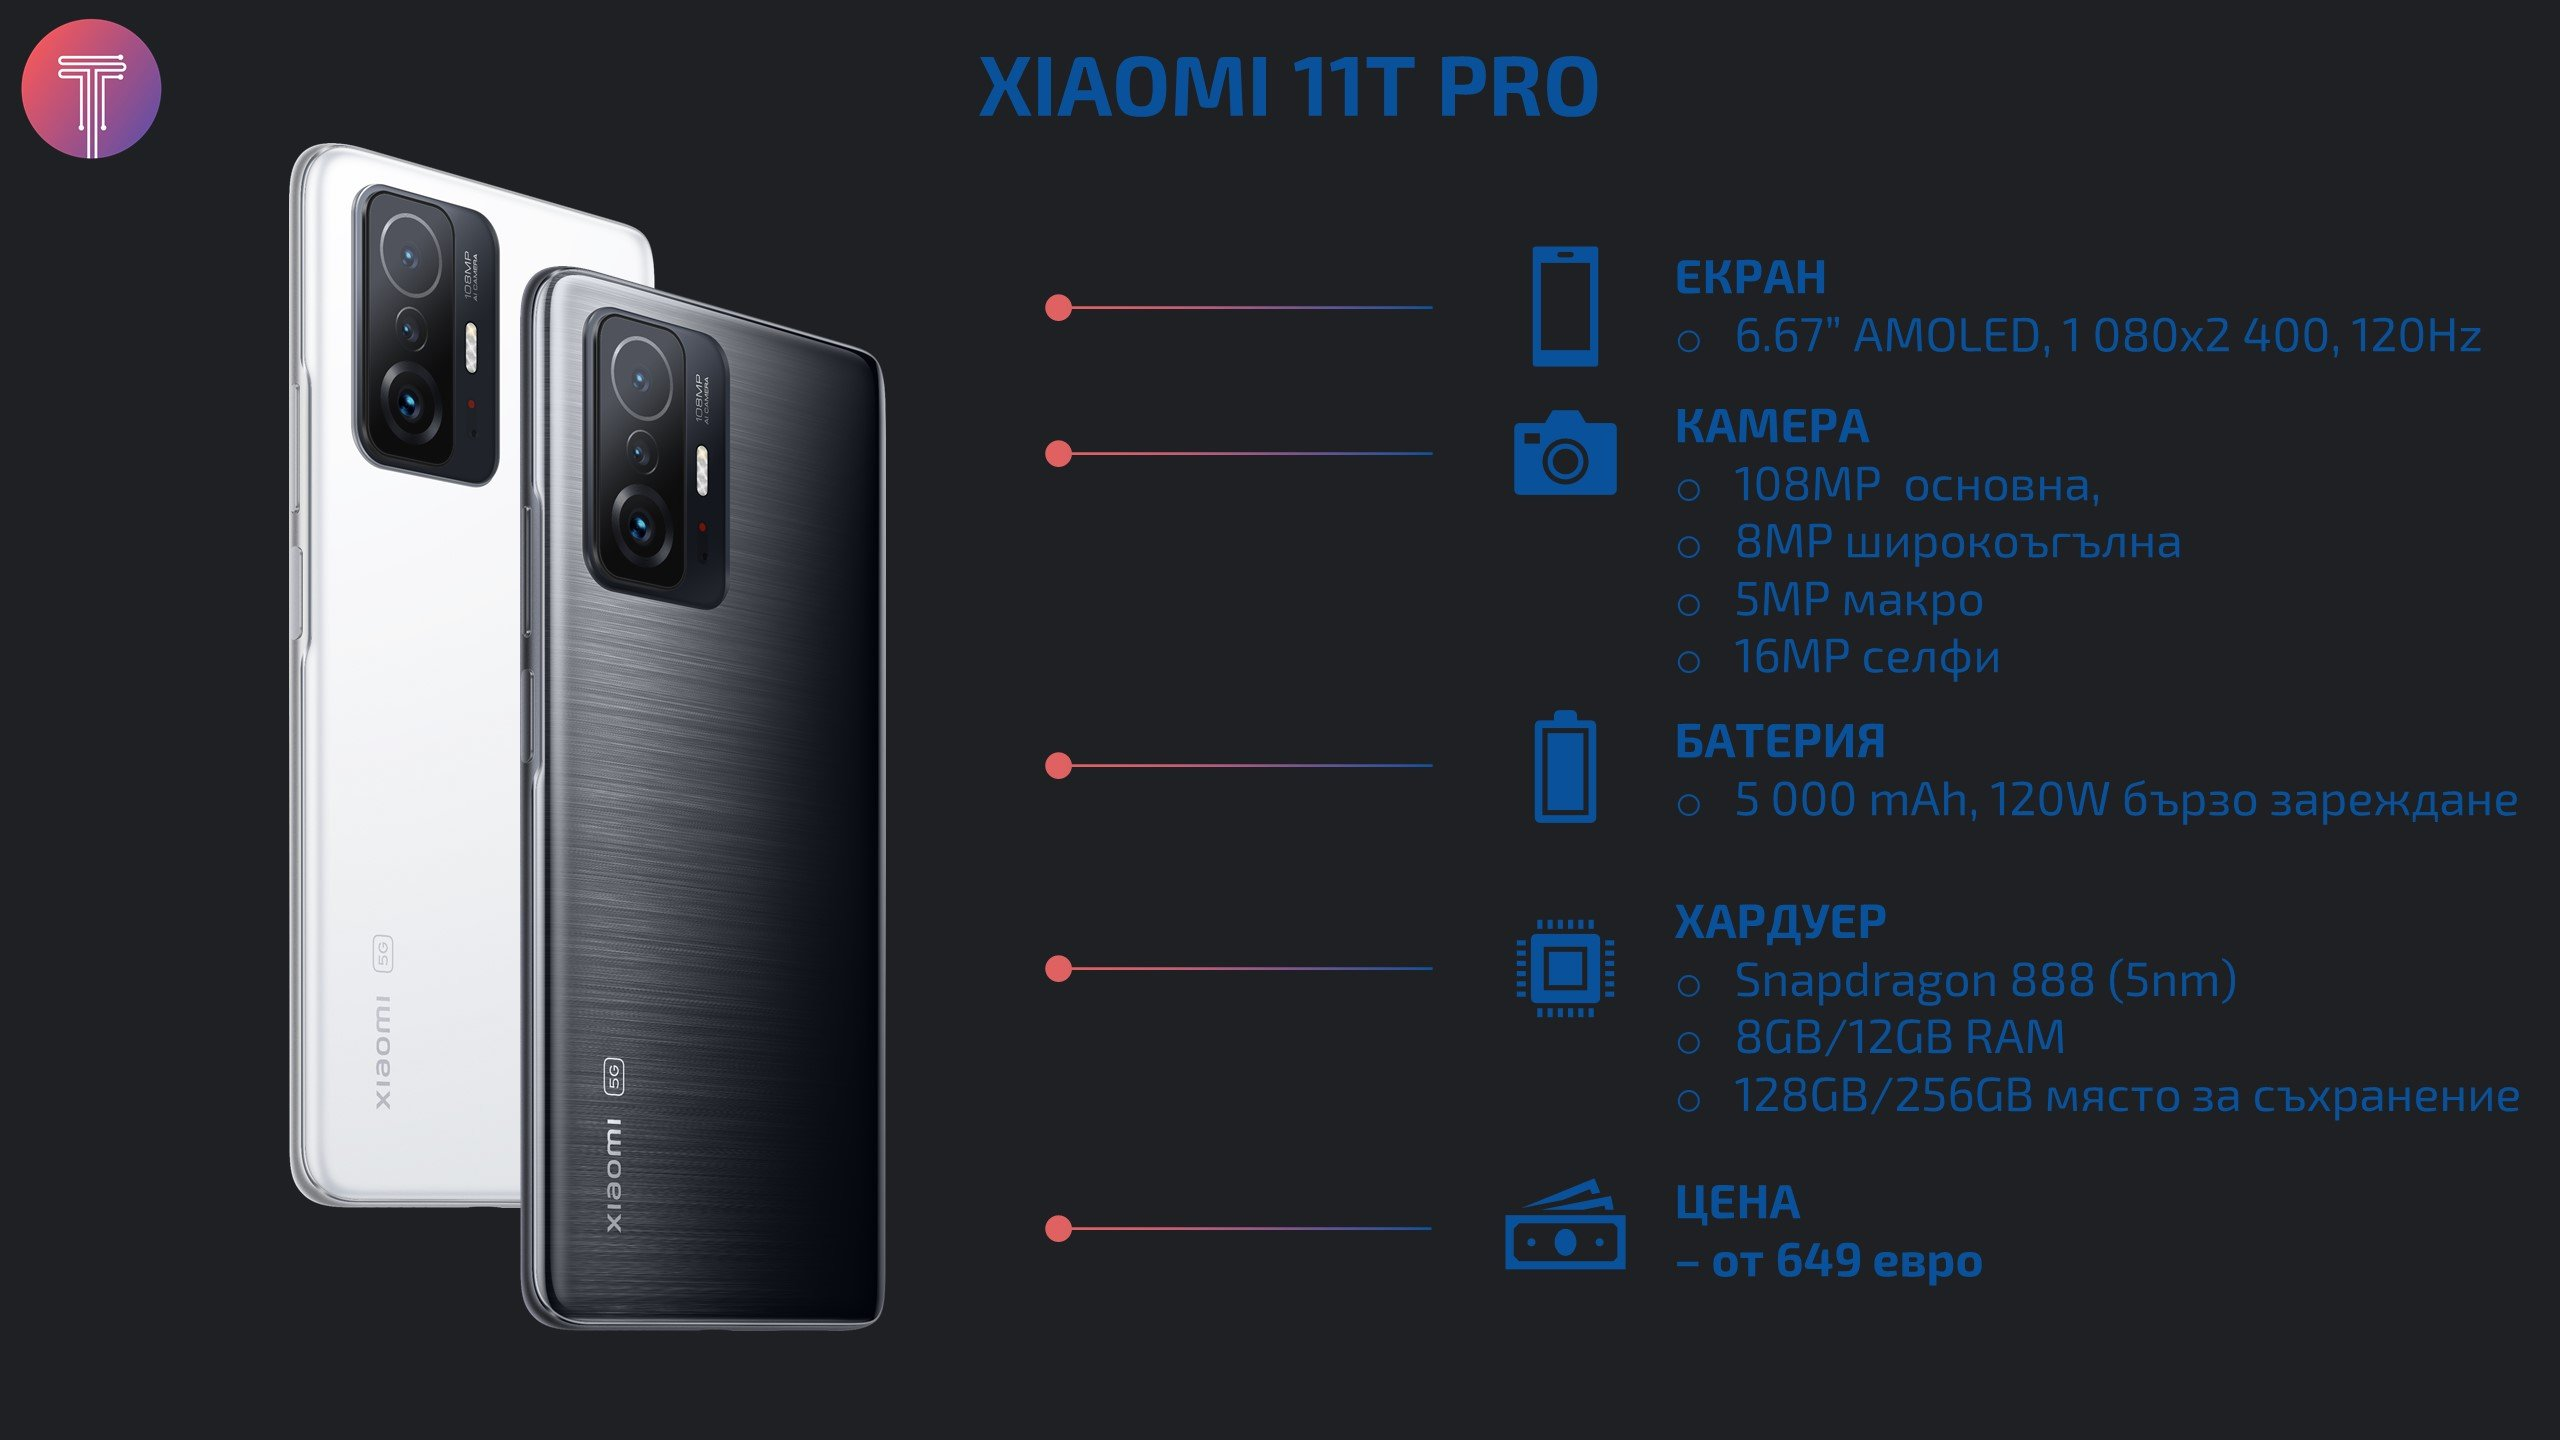 Xiaomi-11T-Pro-Specs